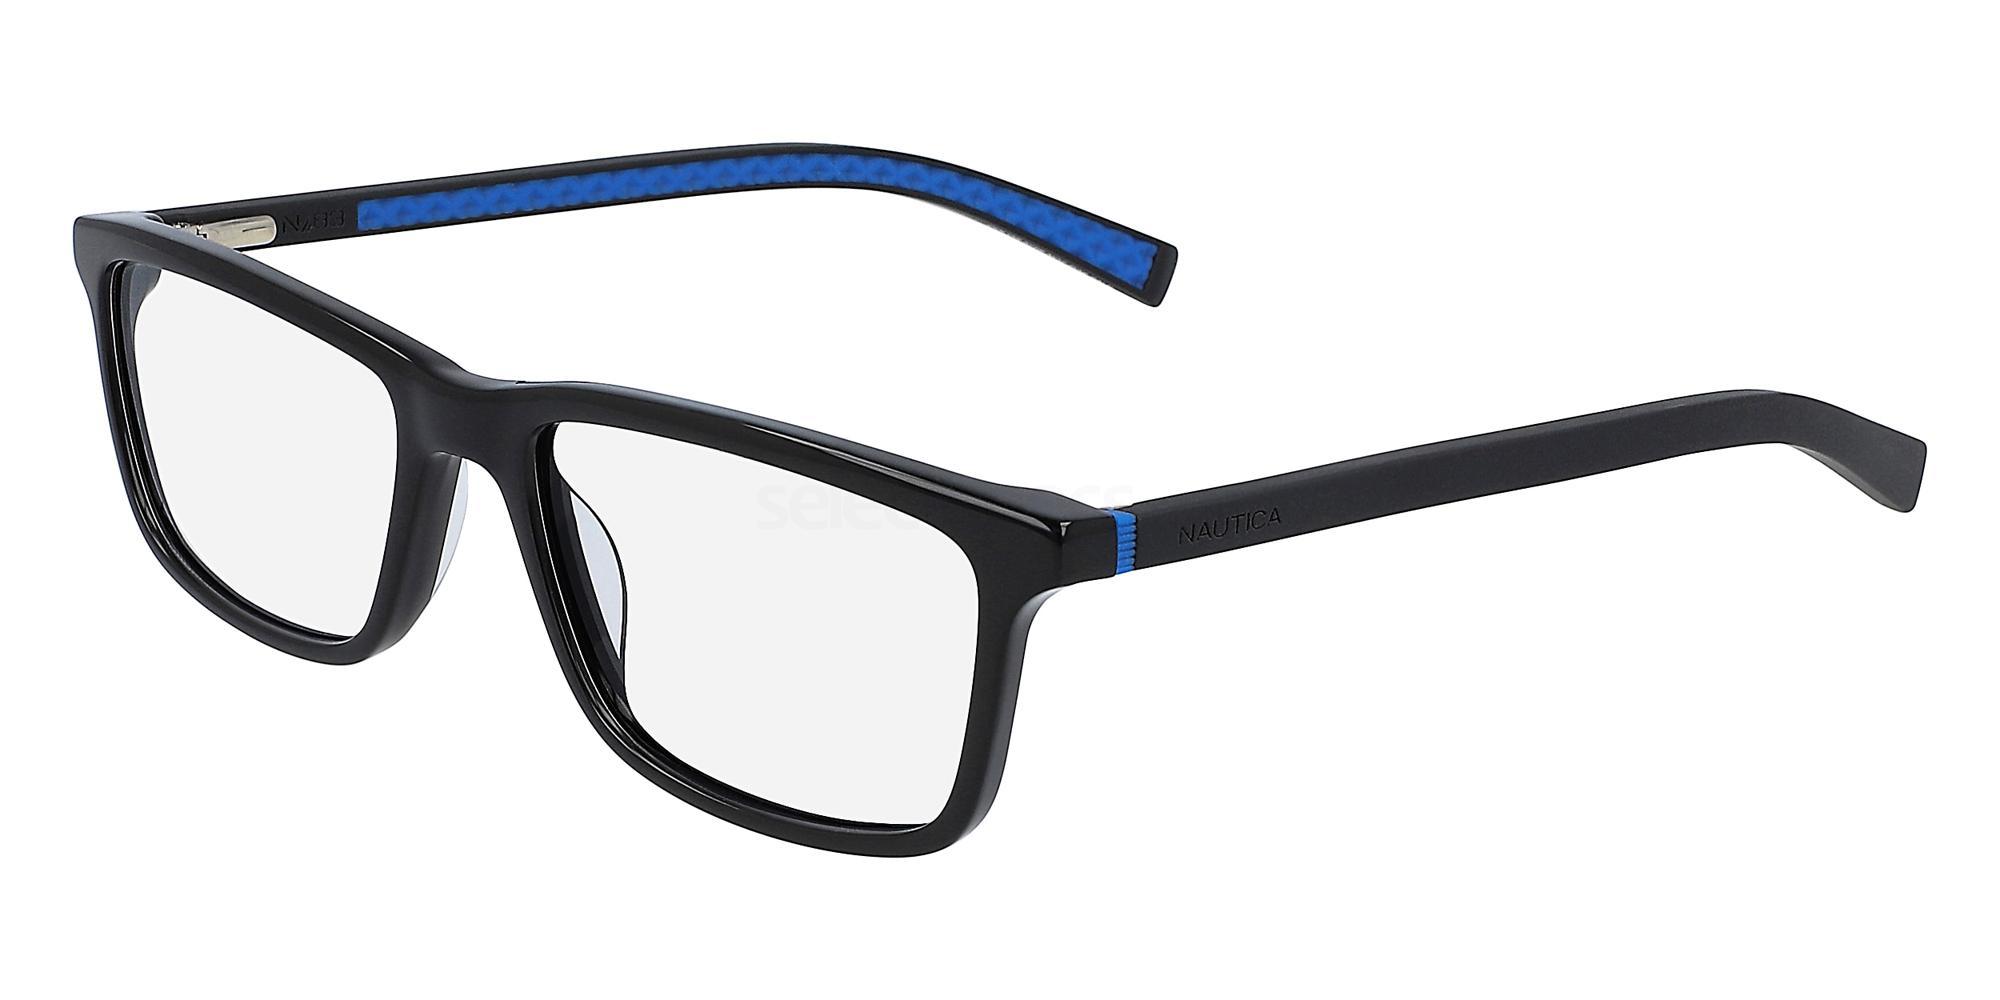 001 N8158 Glasses, Nautica